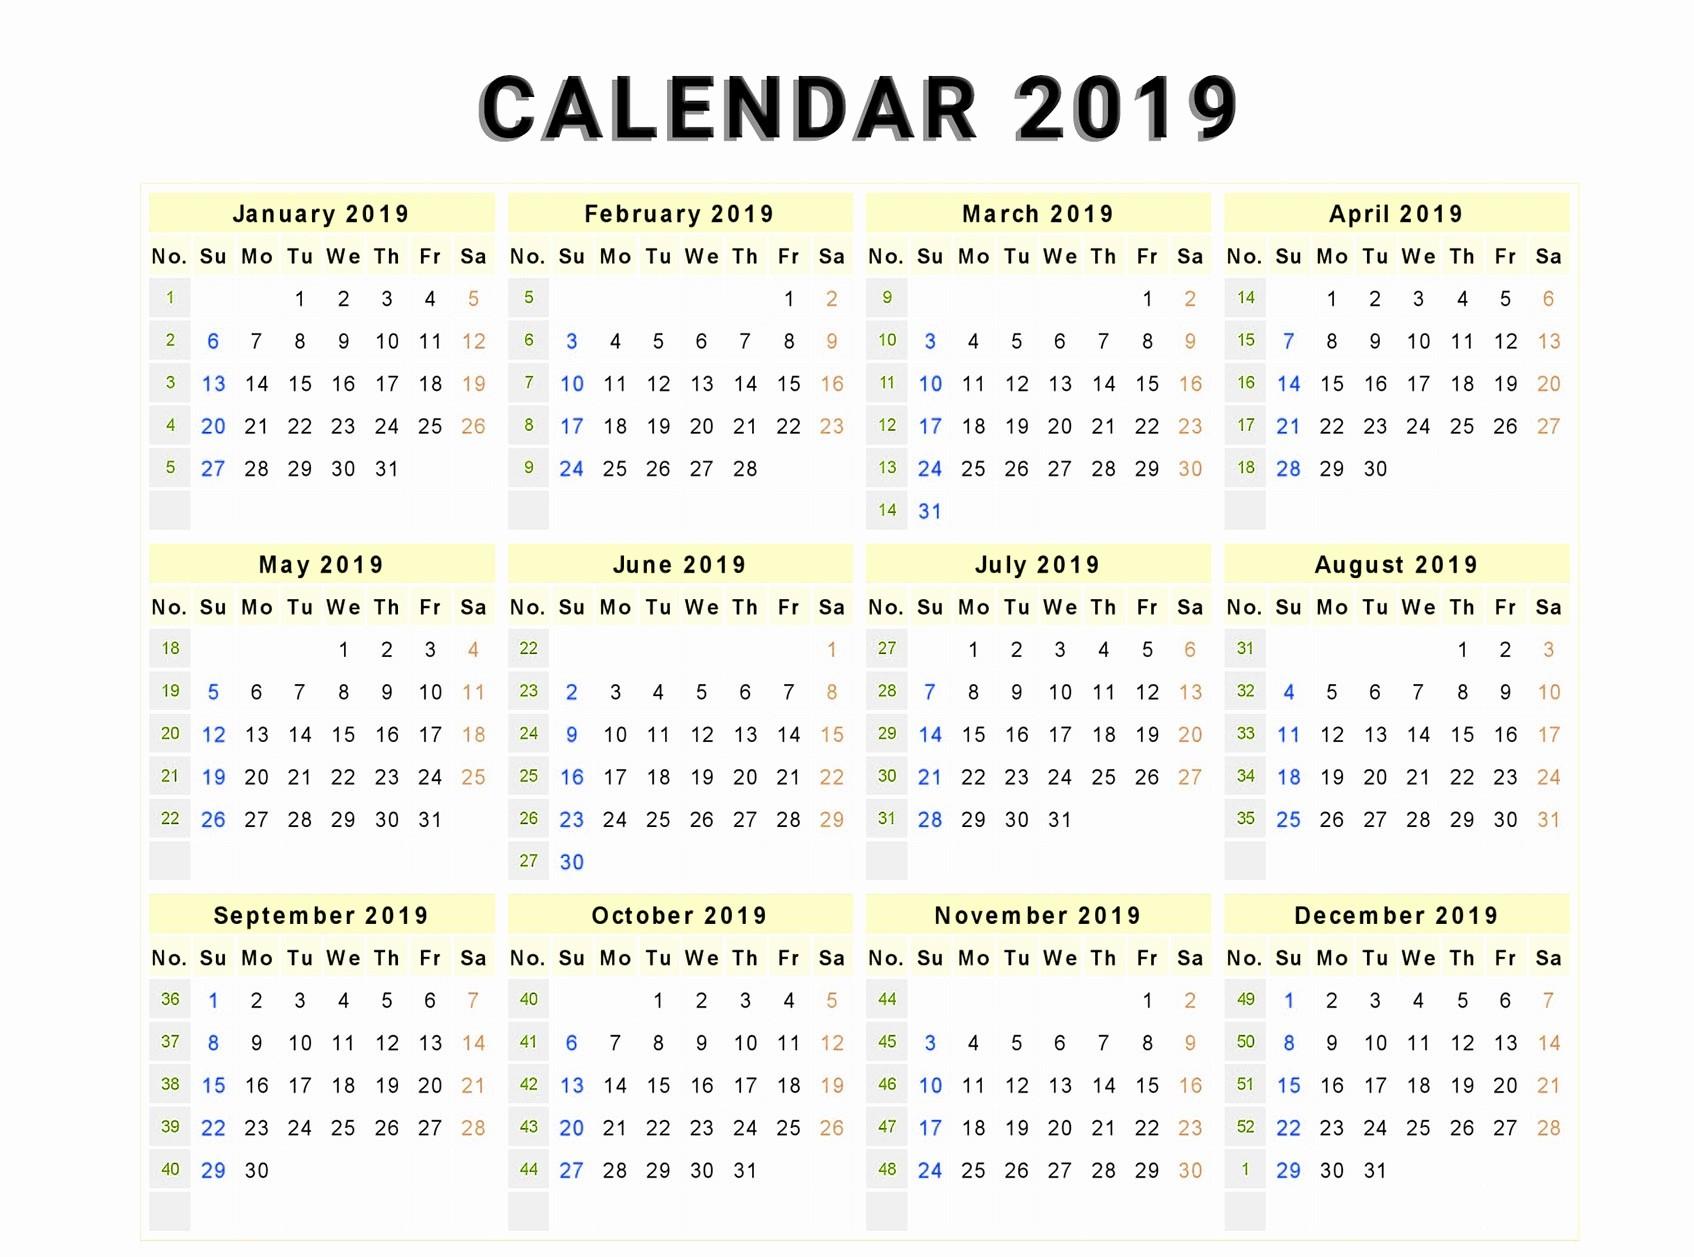 Download Kalender islam 2019 Pdf Más Recientemente Liberado Free Yearly Editable 2019 Calendar Pdf Template Of Download Kalender islam 2019 Pdf Más Reciente Download Free Bank Holiday 2019 Usa Calendar Templates [pdf